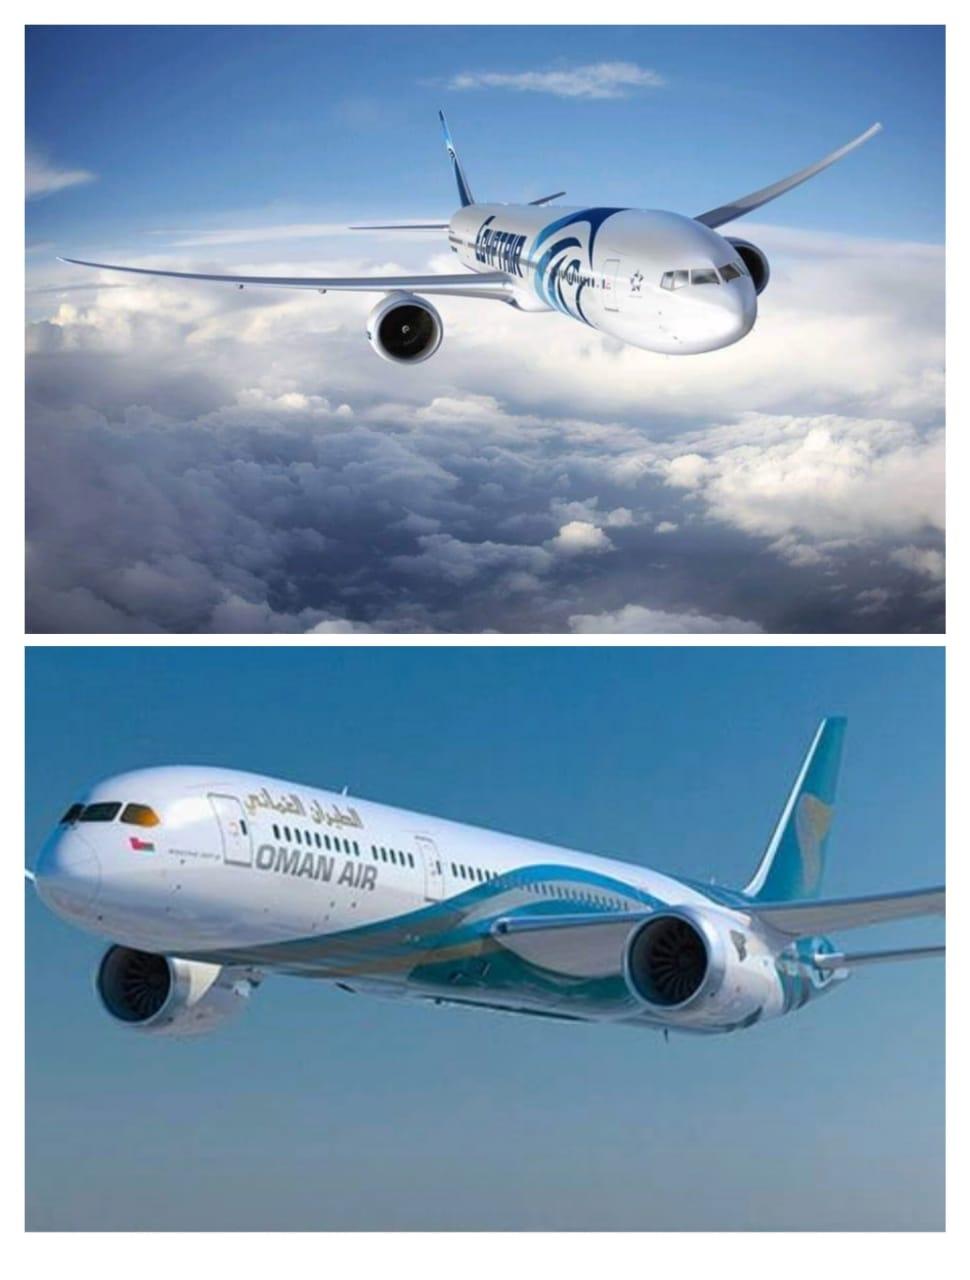 مصر للطيران توقع اتفاقية مشاركة بالرمز مع الطيران العماني